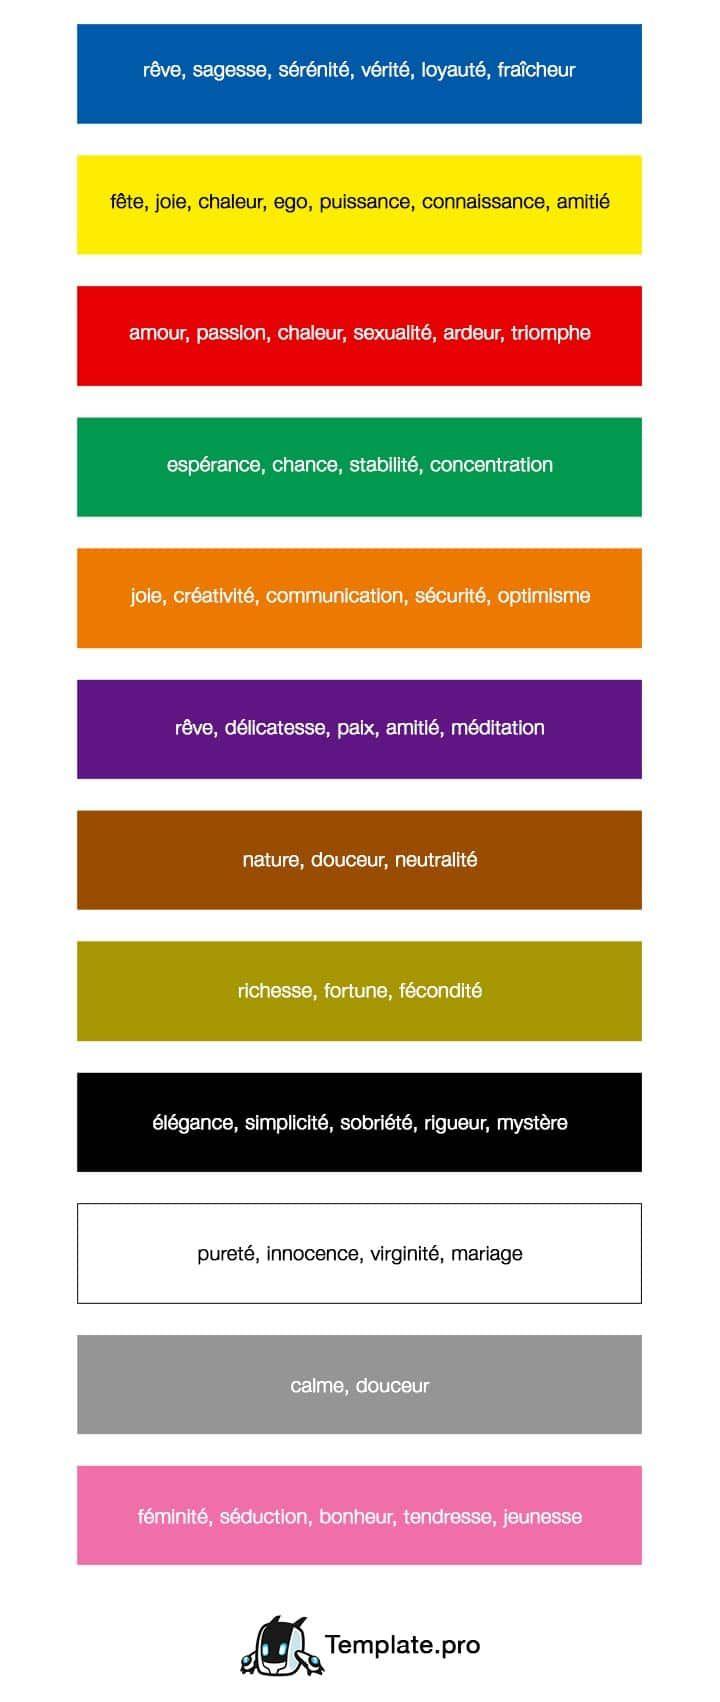 Le Petit Guide Pour Comprendre La Signification Des Couleurs Psychologie Des Couleurs Signification Des Couleurs Psychologie